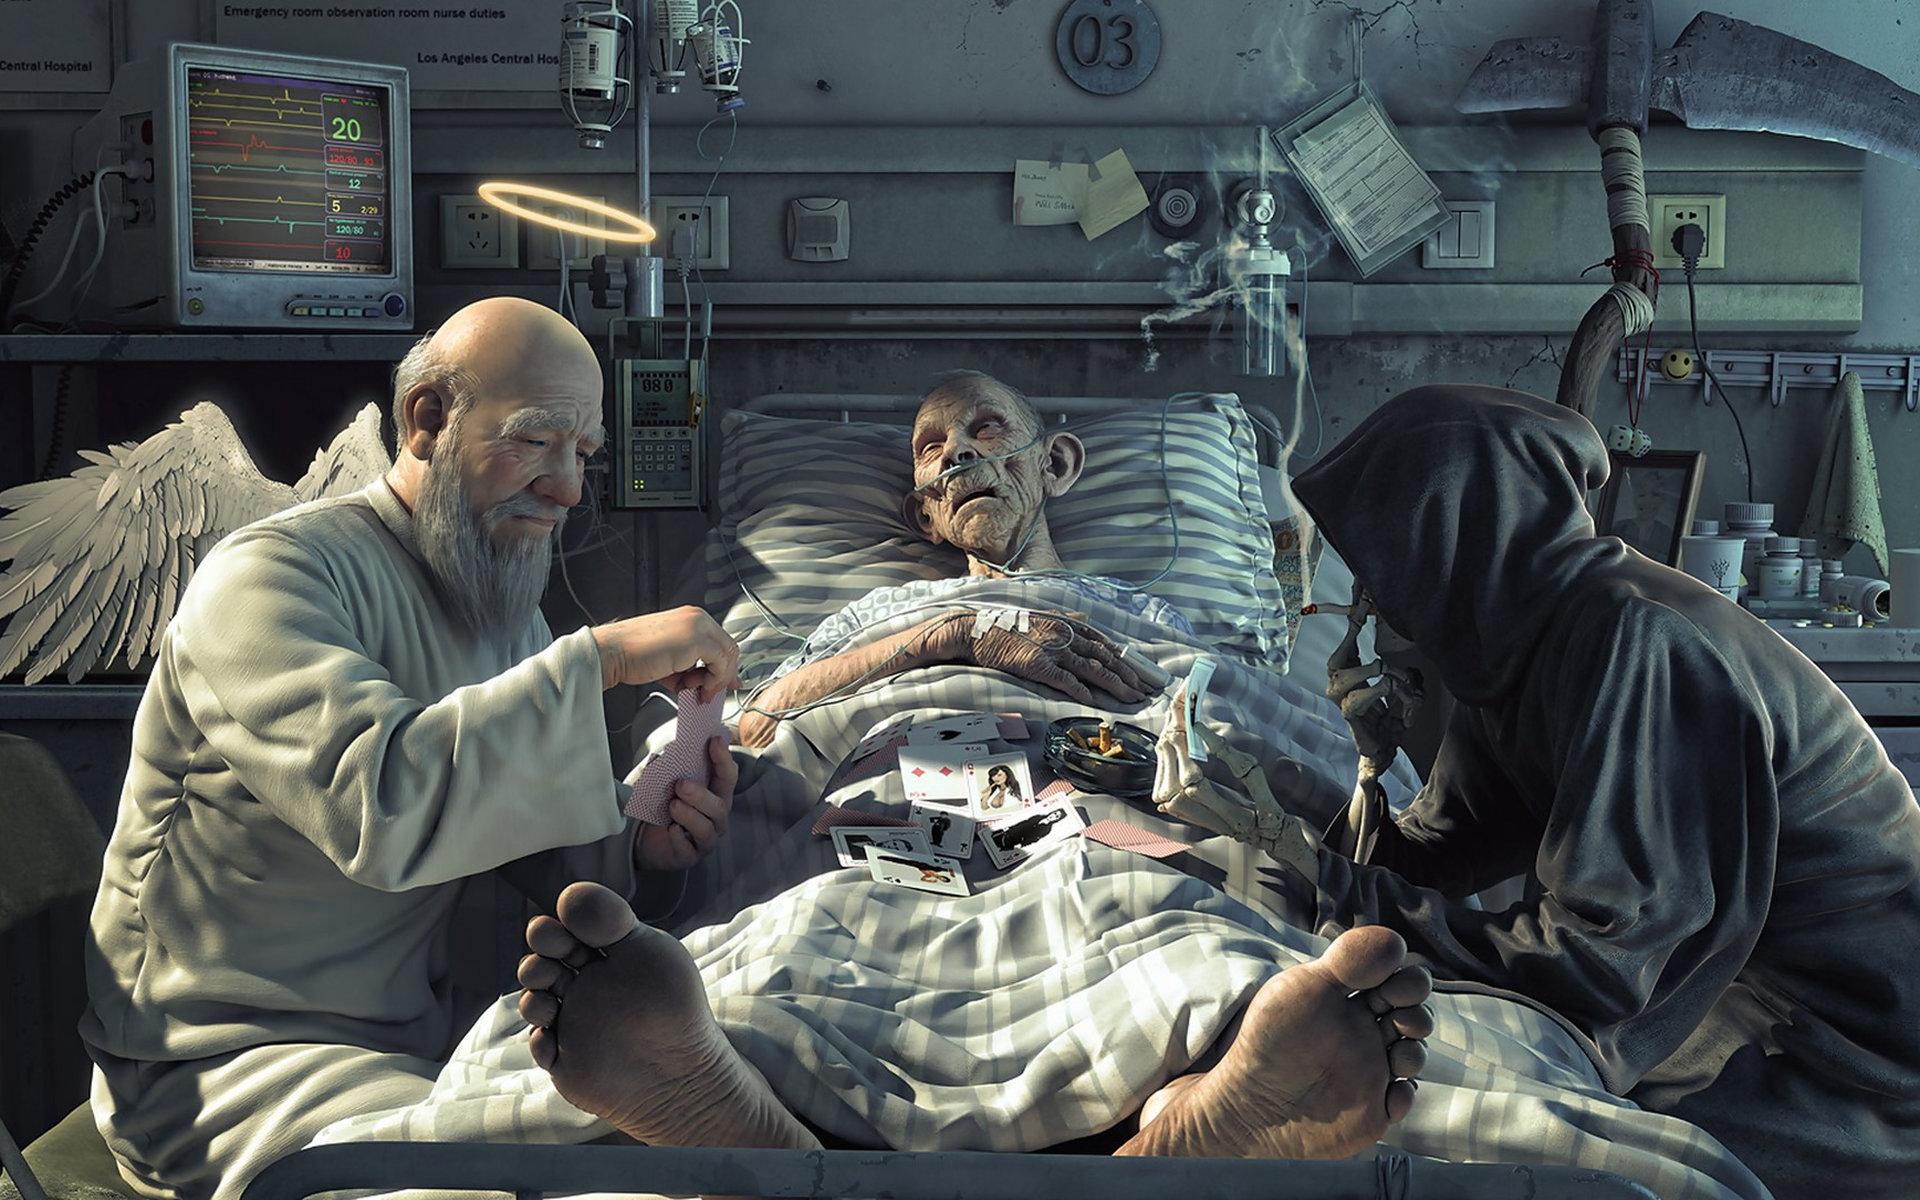 Скачать картинку смерть играет в карты открывается в опере казино вулкан